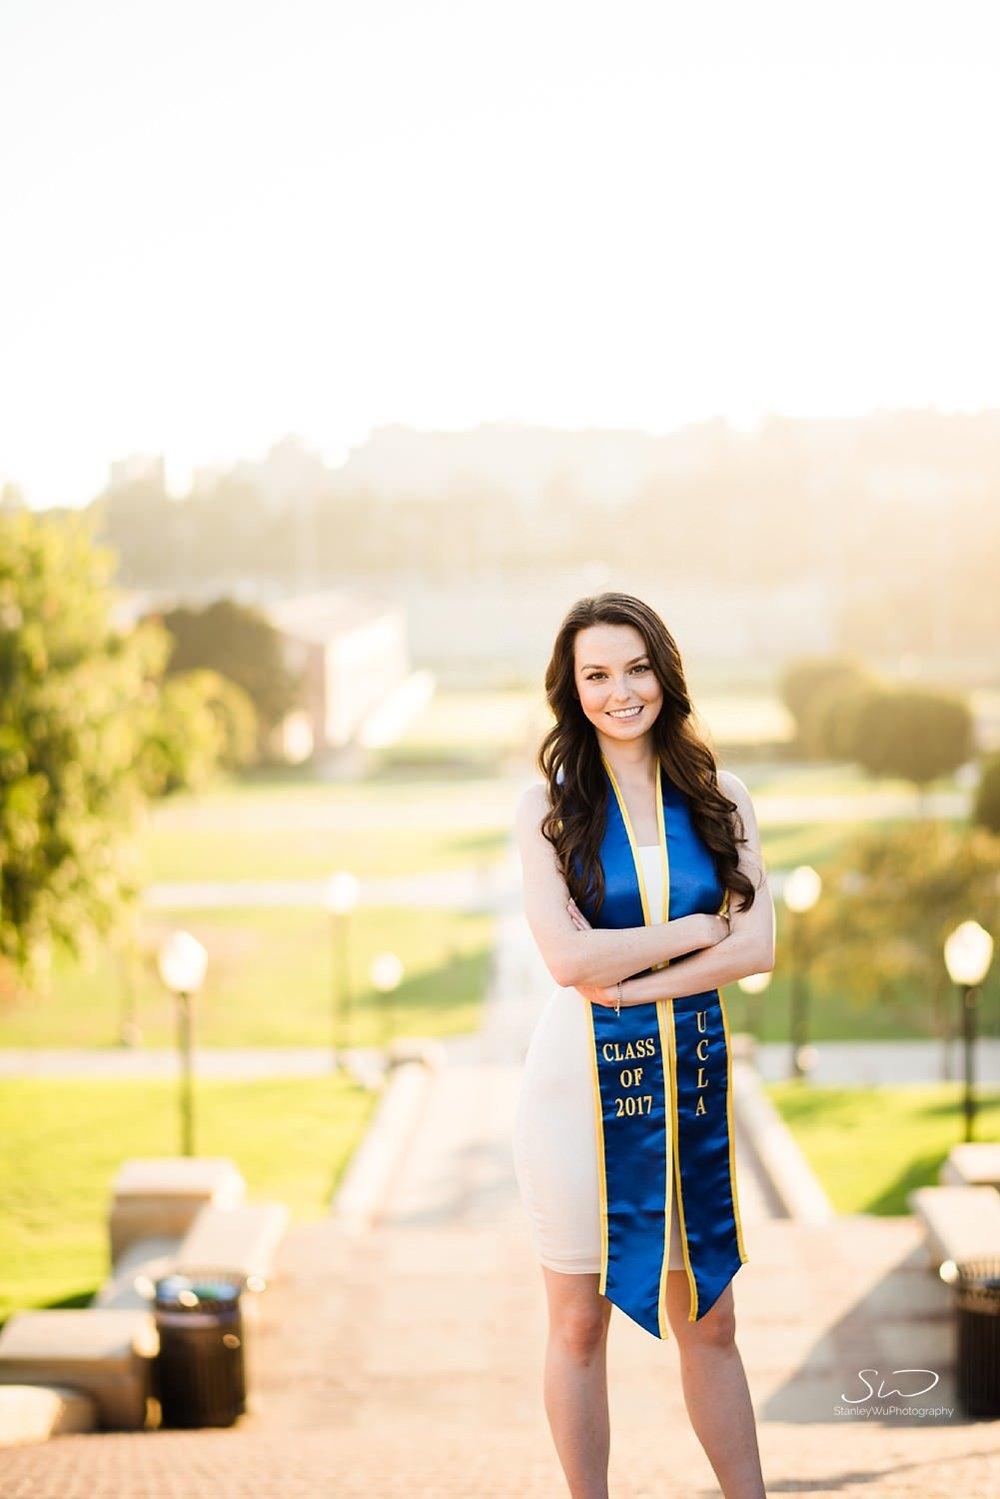 los-angeles-ucla-senior-graduation-portraits_0013.jpg